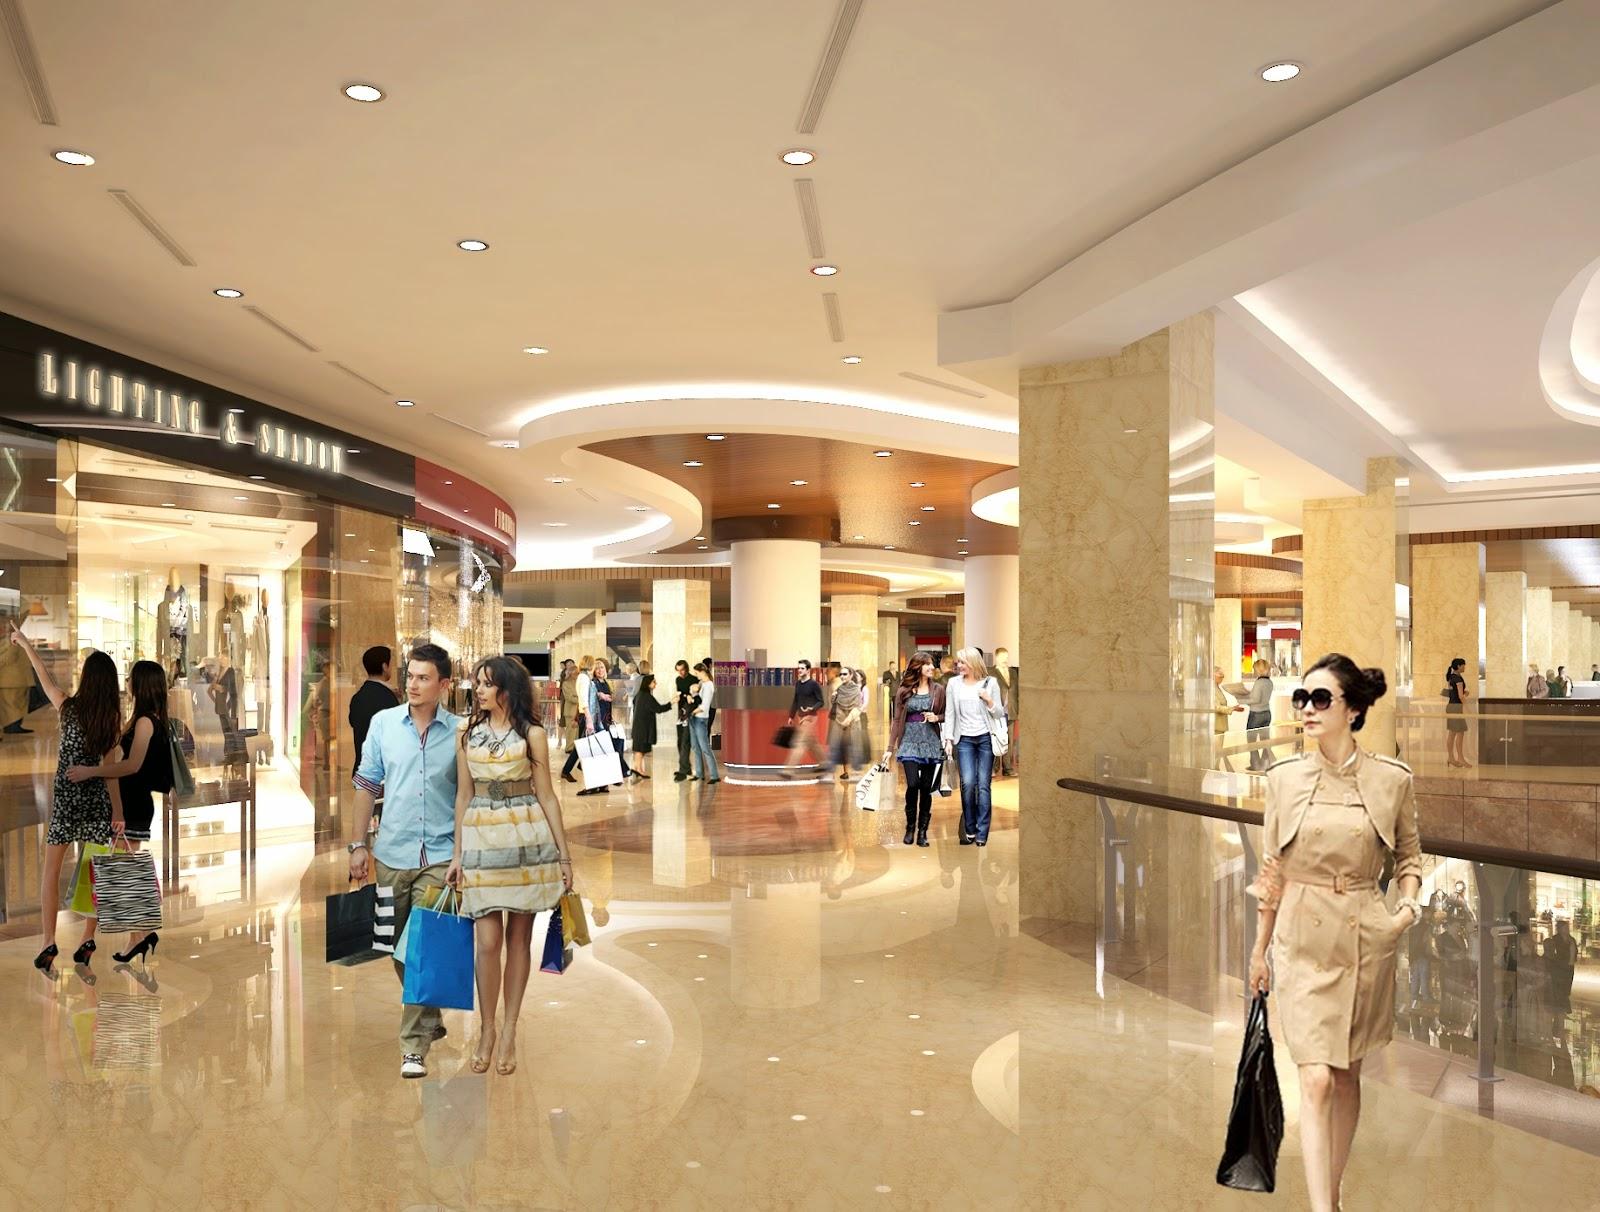 Trung Tam Thuong Mai Time City Trung Tâm Thương Mại Mua Sắm